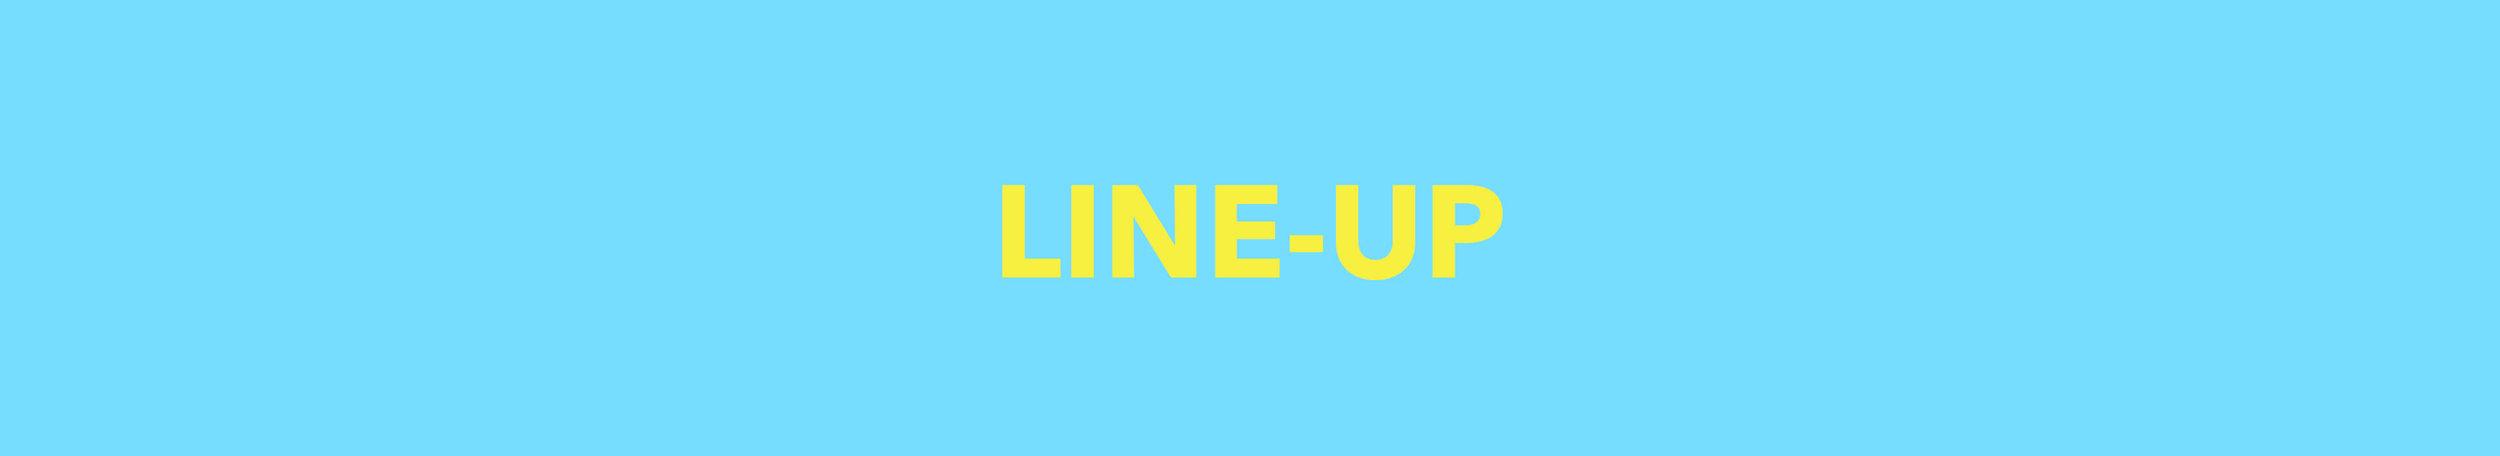 lineup3.jpg